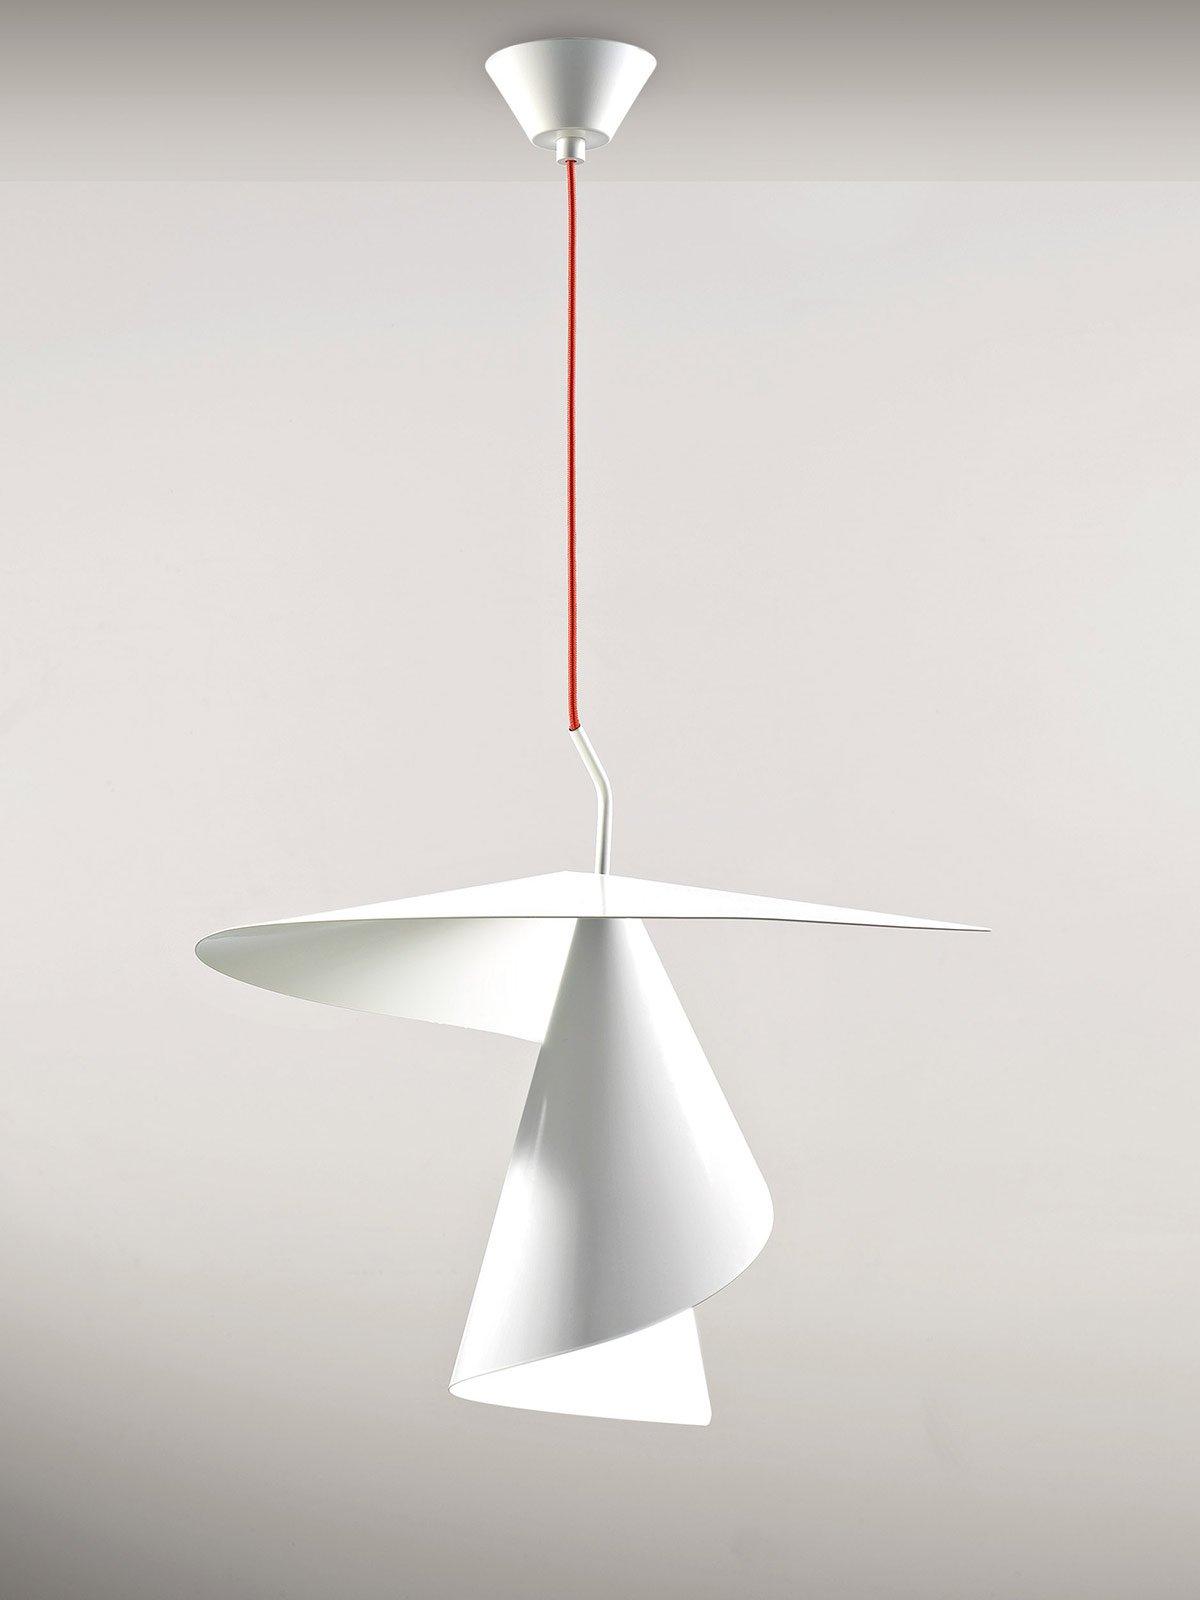 Lampade Moderne A Sospensione Per Cucina: Lampade e lampadari da ...